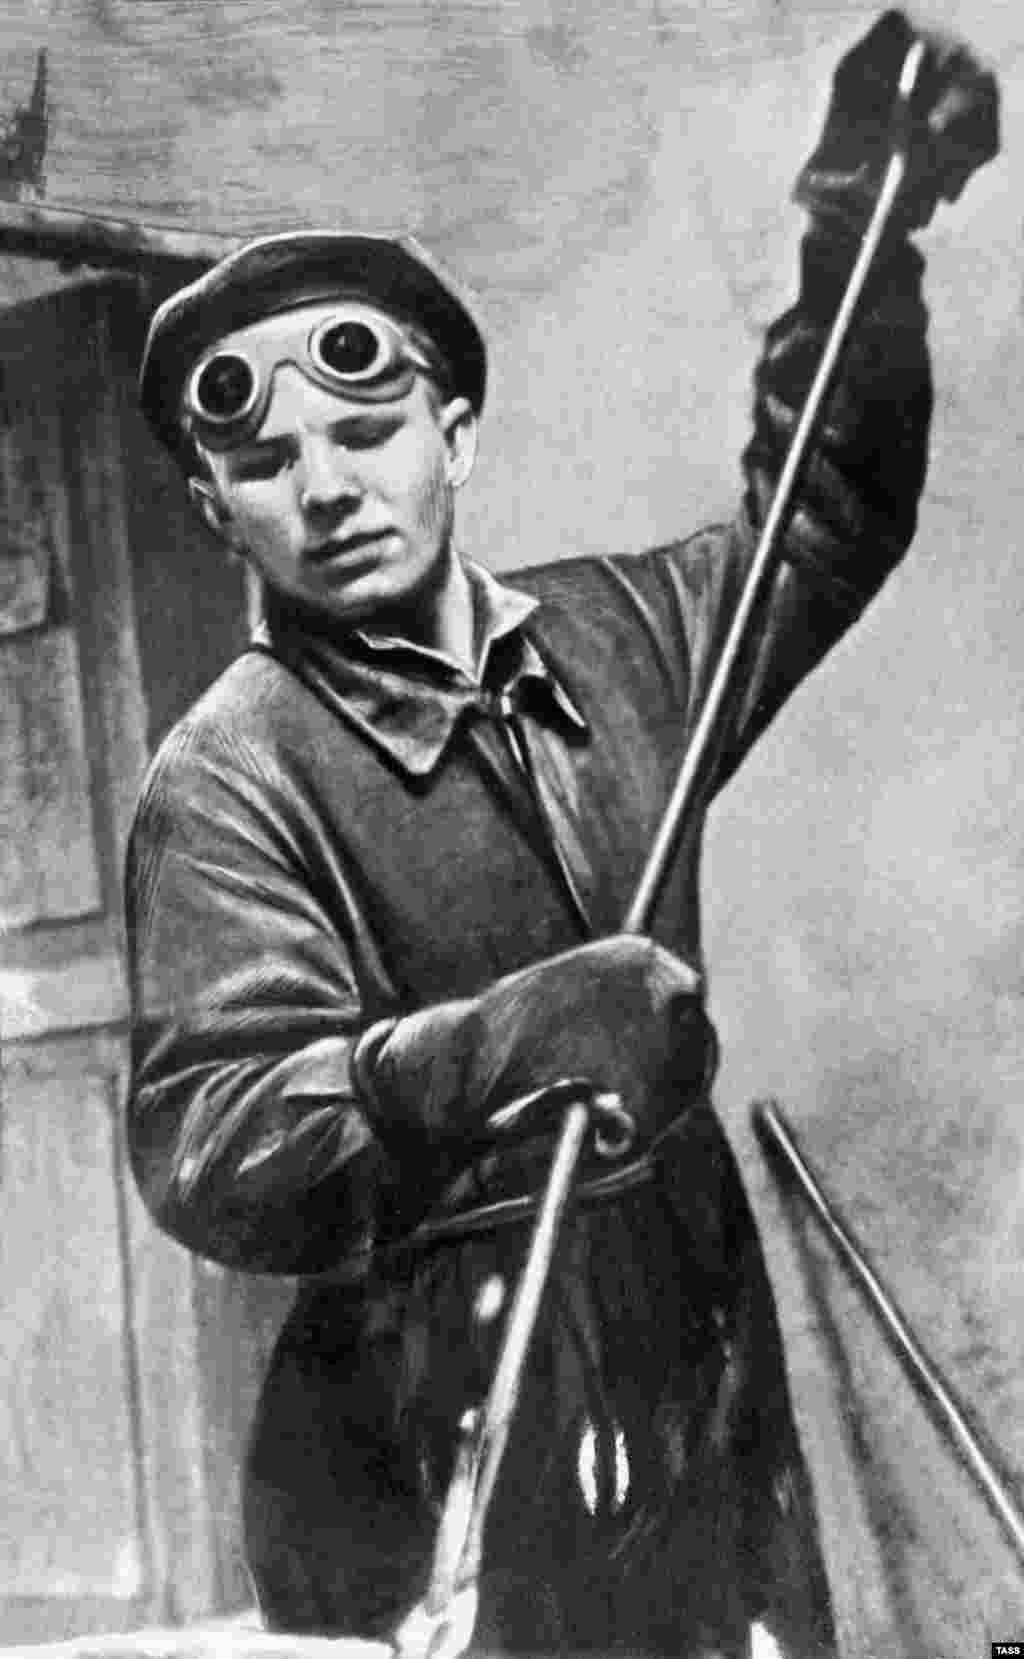 Гагарын у ліцейным цэху Люберацкага заводу сяльгасмашын, 1951 год. Ён скончыў рамеснае вучылішча па спэцыяльнасьці «фармоўшчык-ліцейшчык», а затым вучыўся ў Саратаўскім тэхнічным тэхнікуме